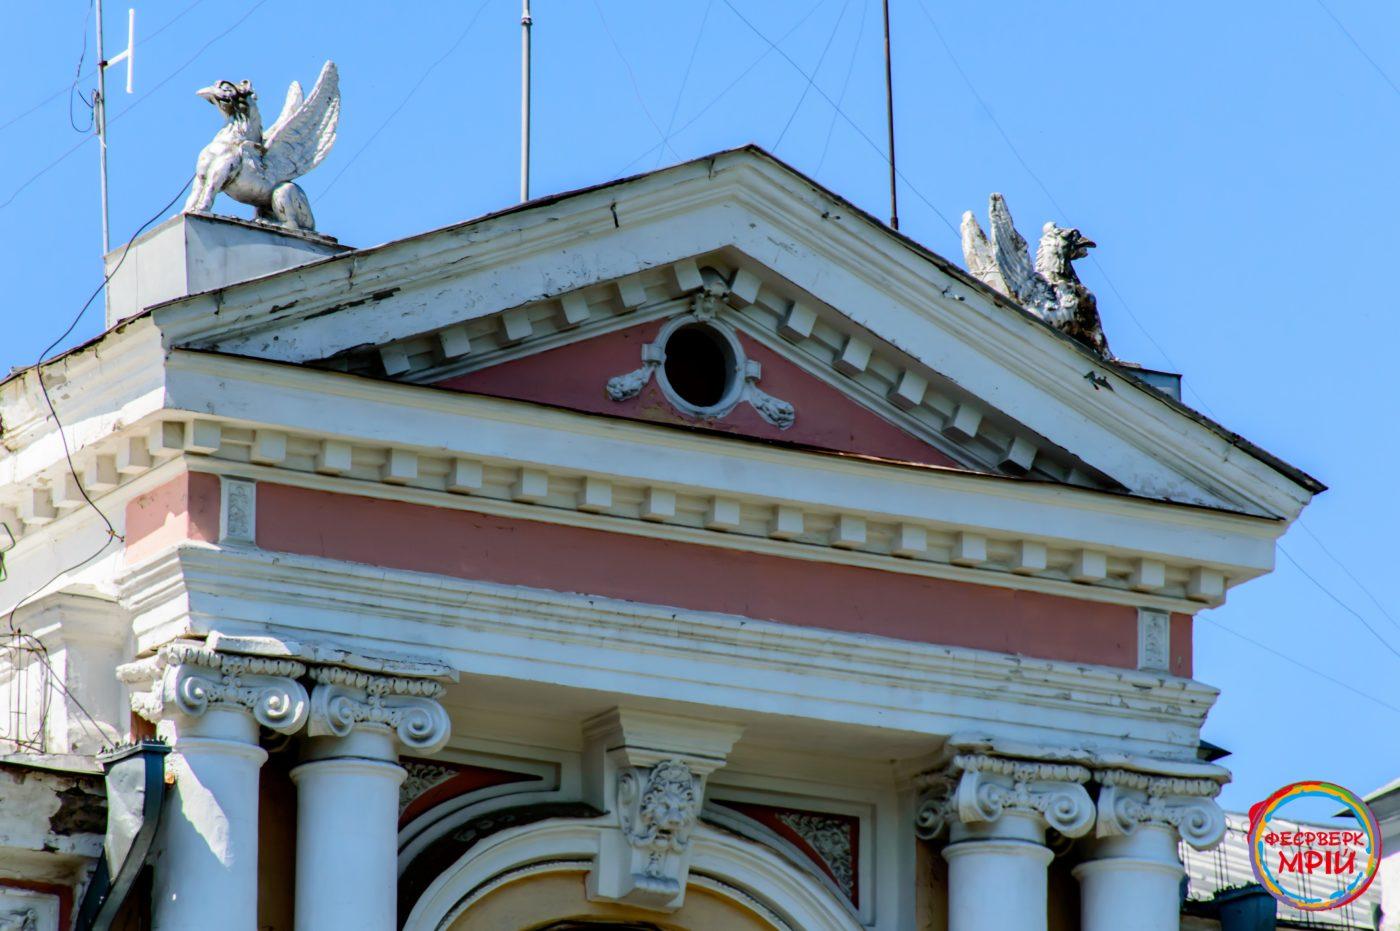 Масонські символи на Будинку земельного банку (Аграрний коледж управління права)